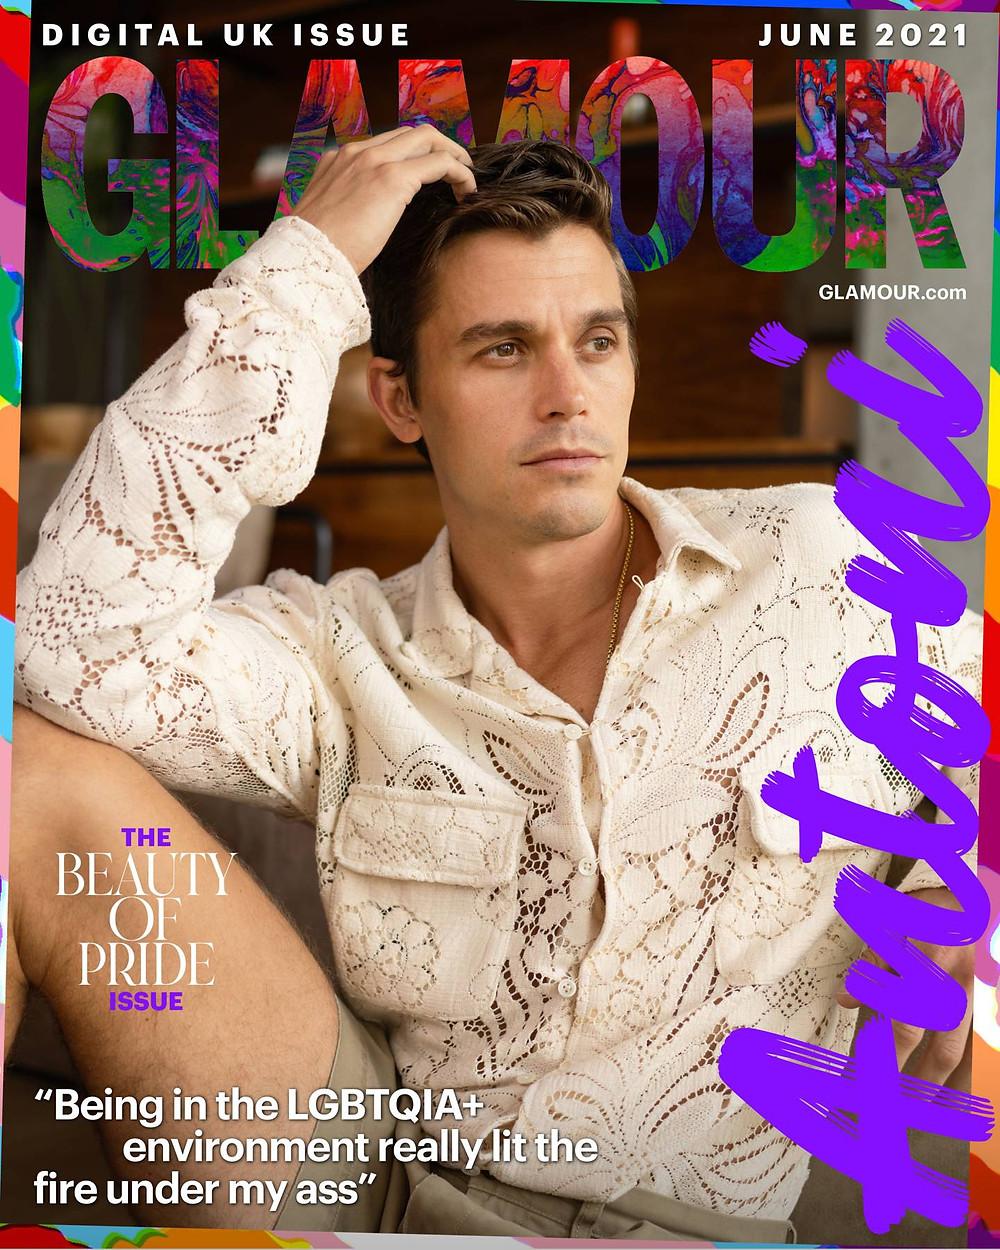 Glamour June 2021 Gay Pride cover Antoni Porowski